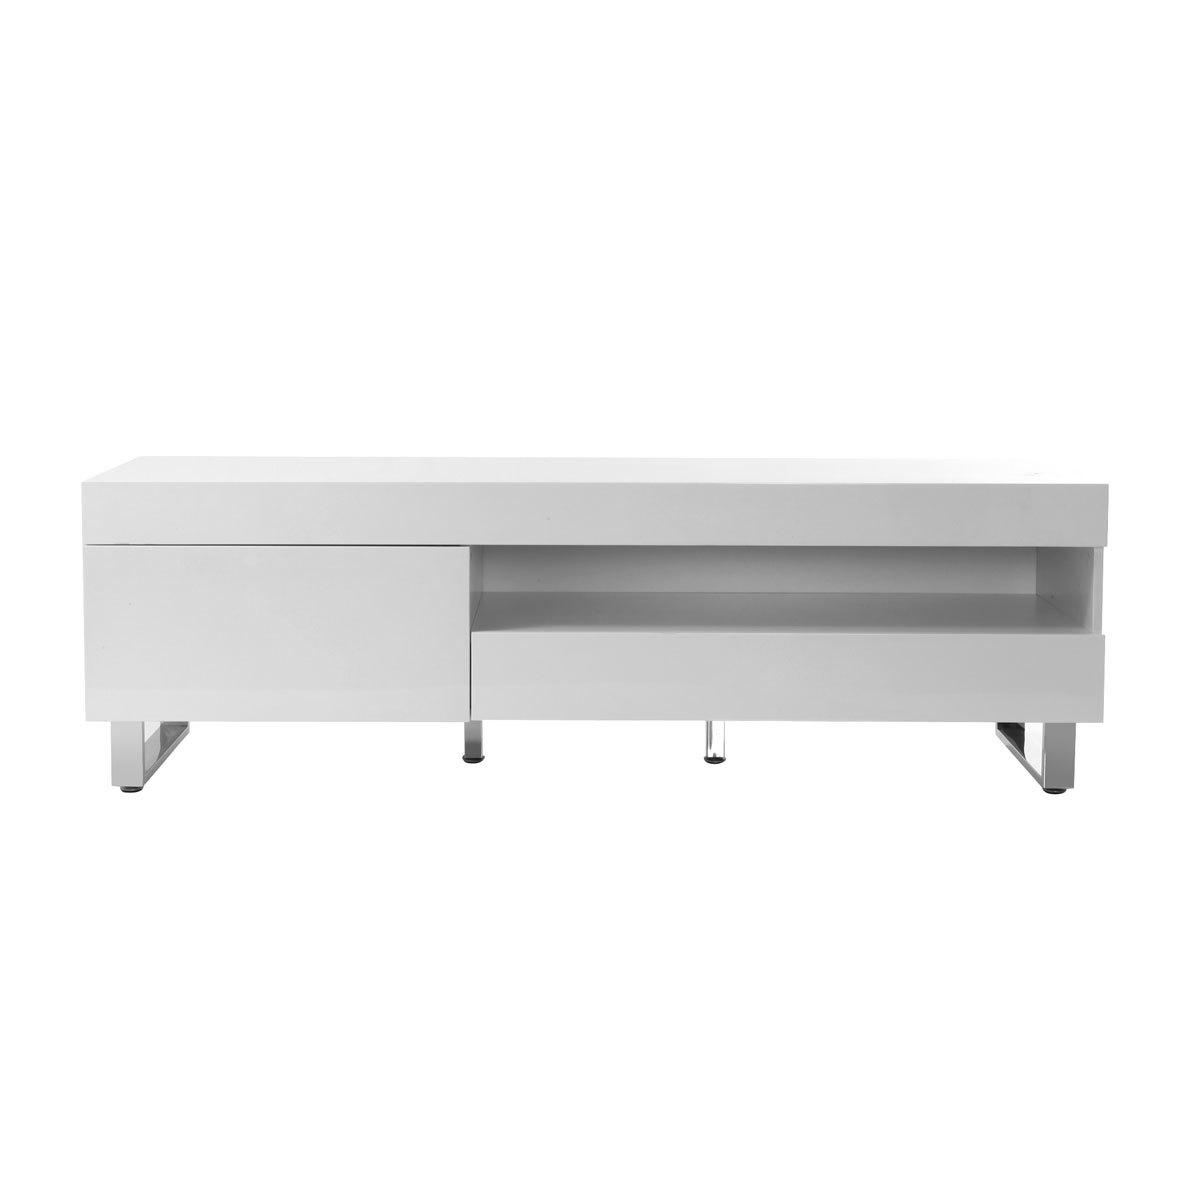 Mobile porta TV design laccato bianco MELHA